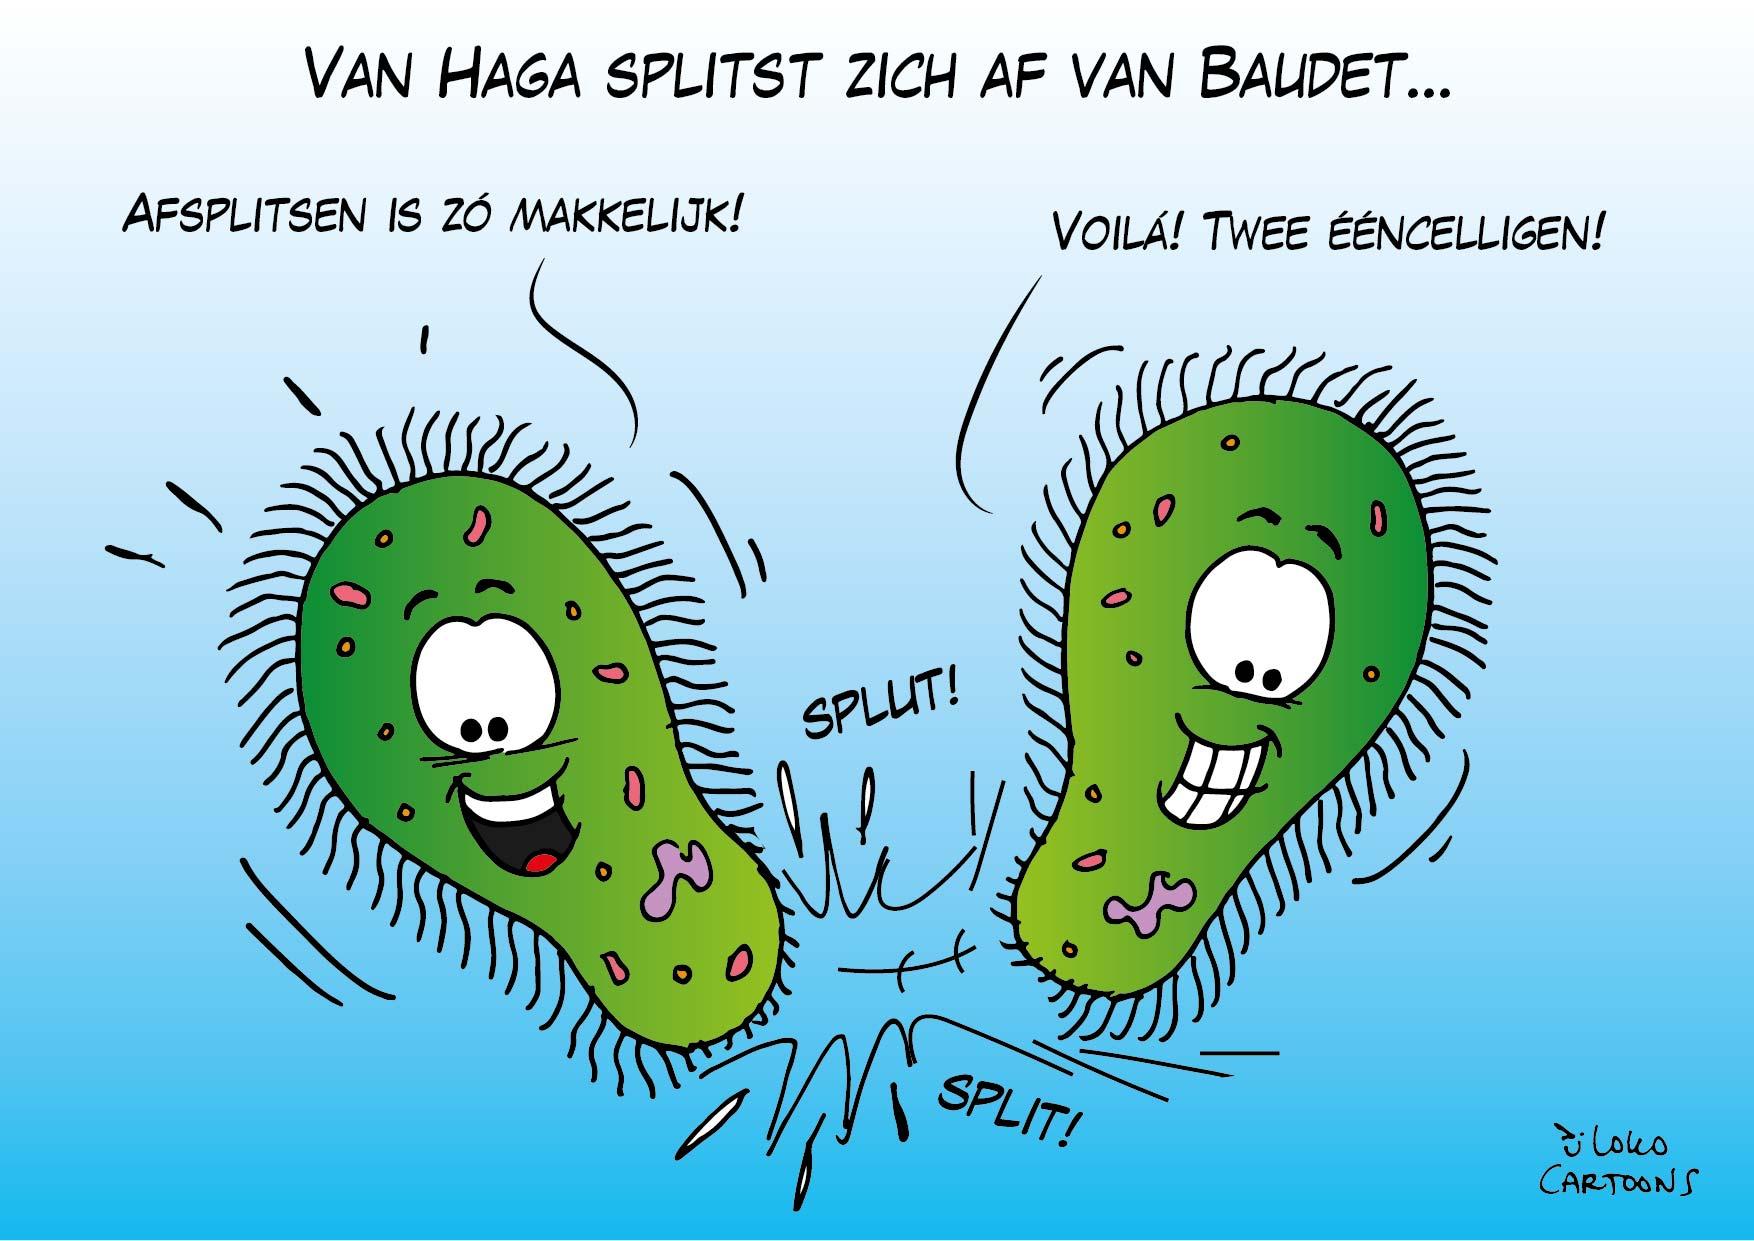 Van Haga splitst zich af van Baudet…